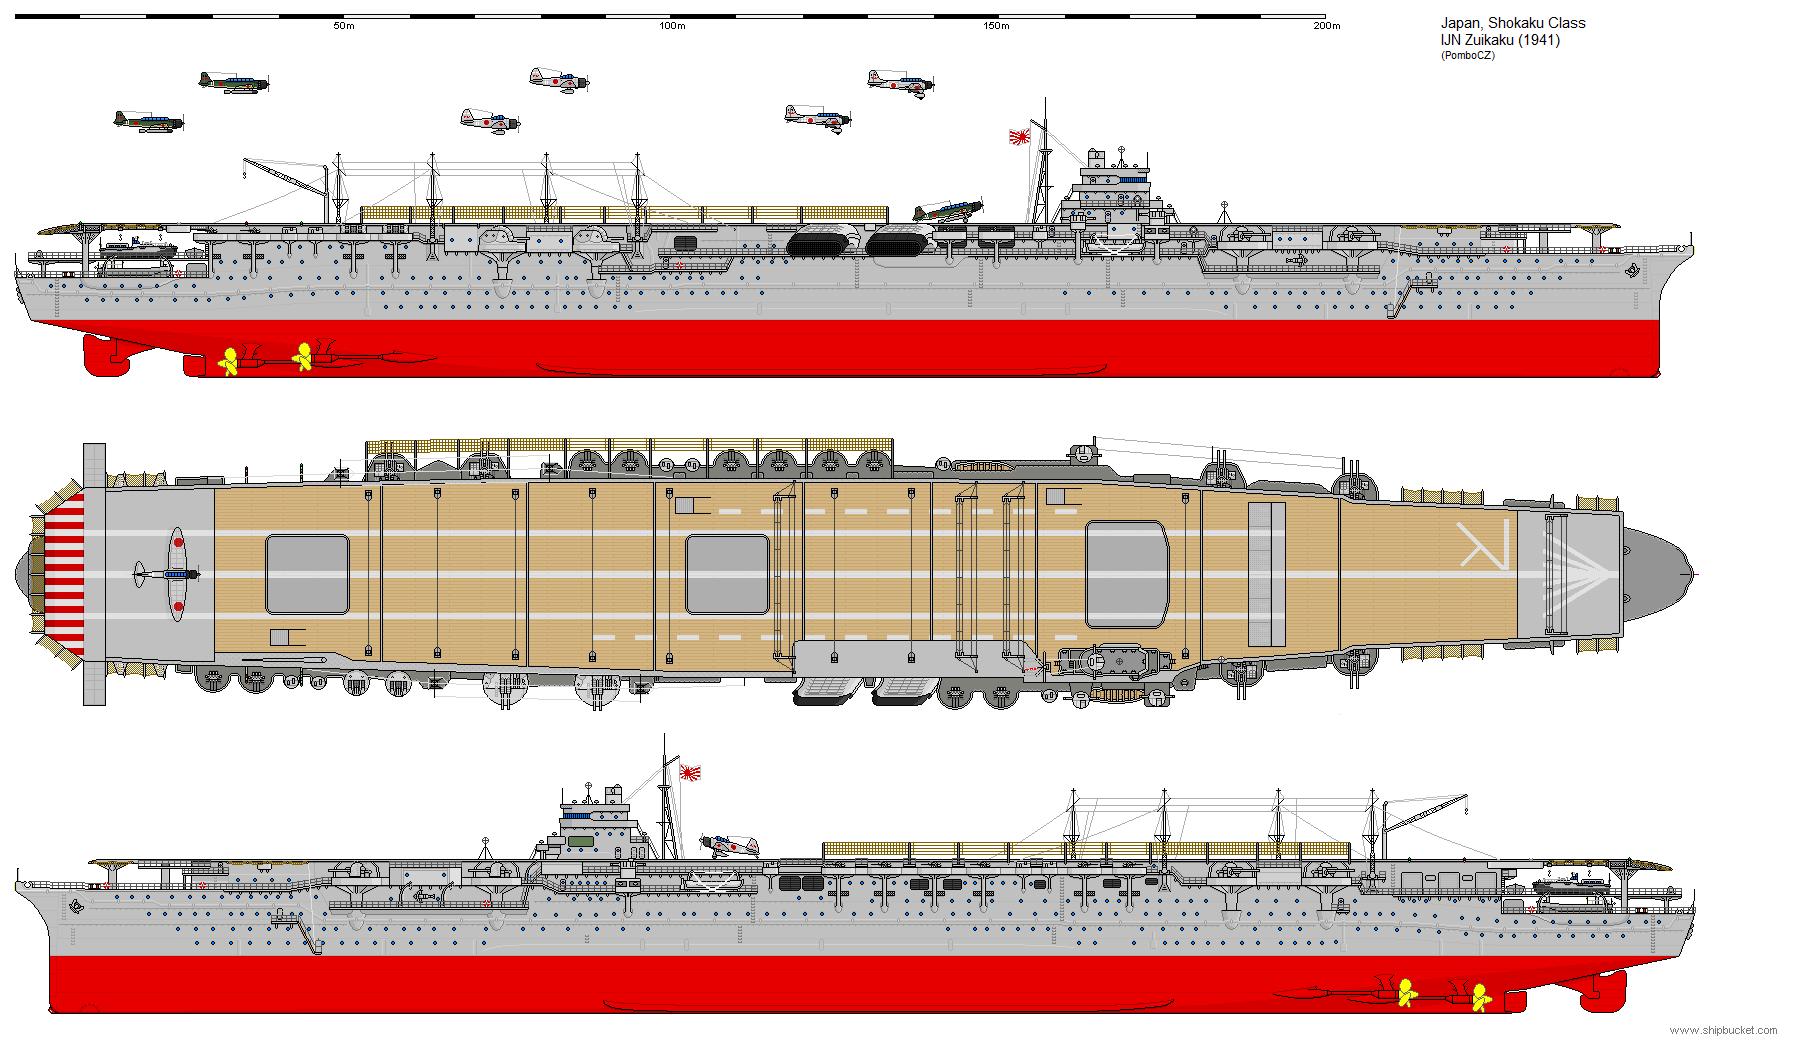 Shokaku-class Aircraft Carrier (1941) by ijnfleetadmiral on